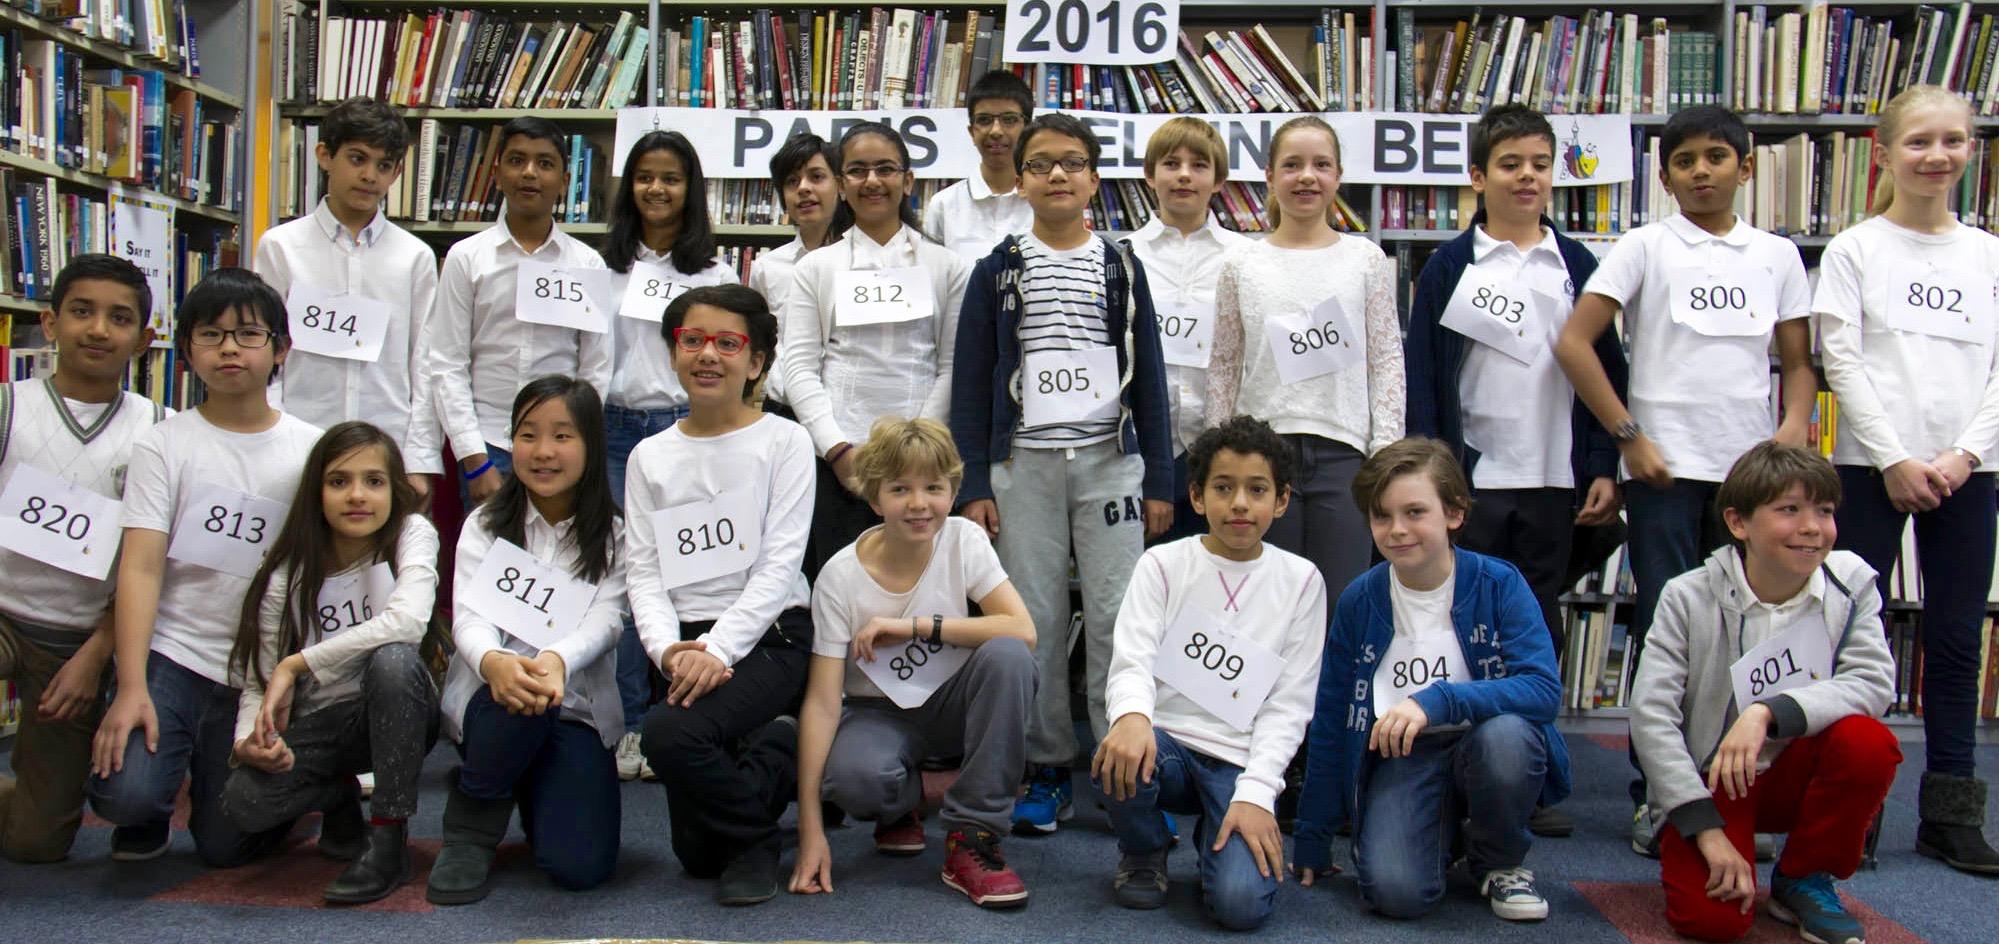 2016-03-20-Spelling-Bee_0090.jpg